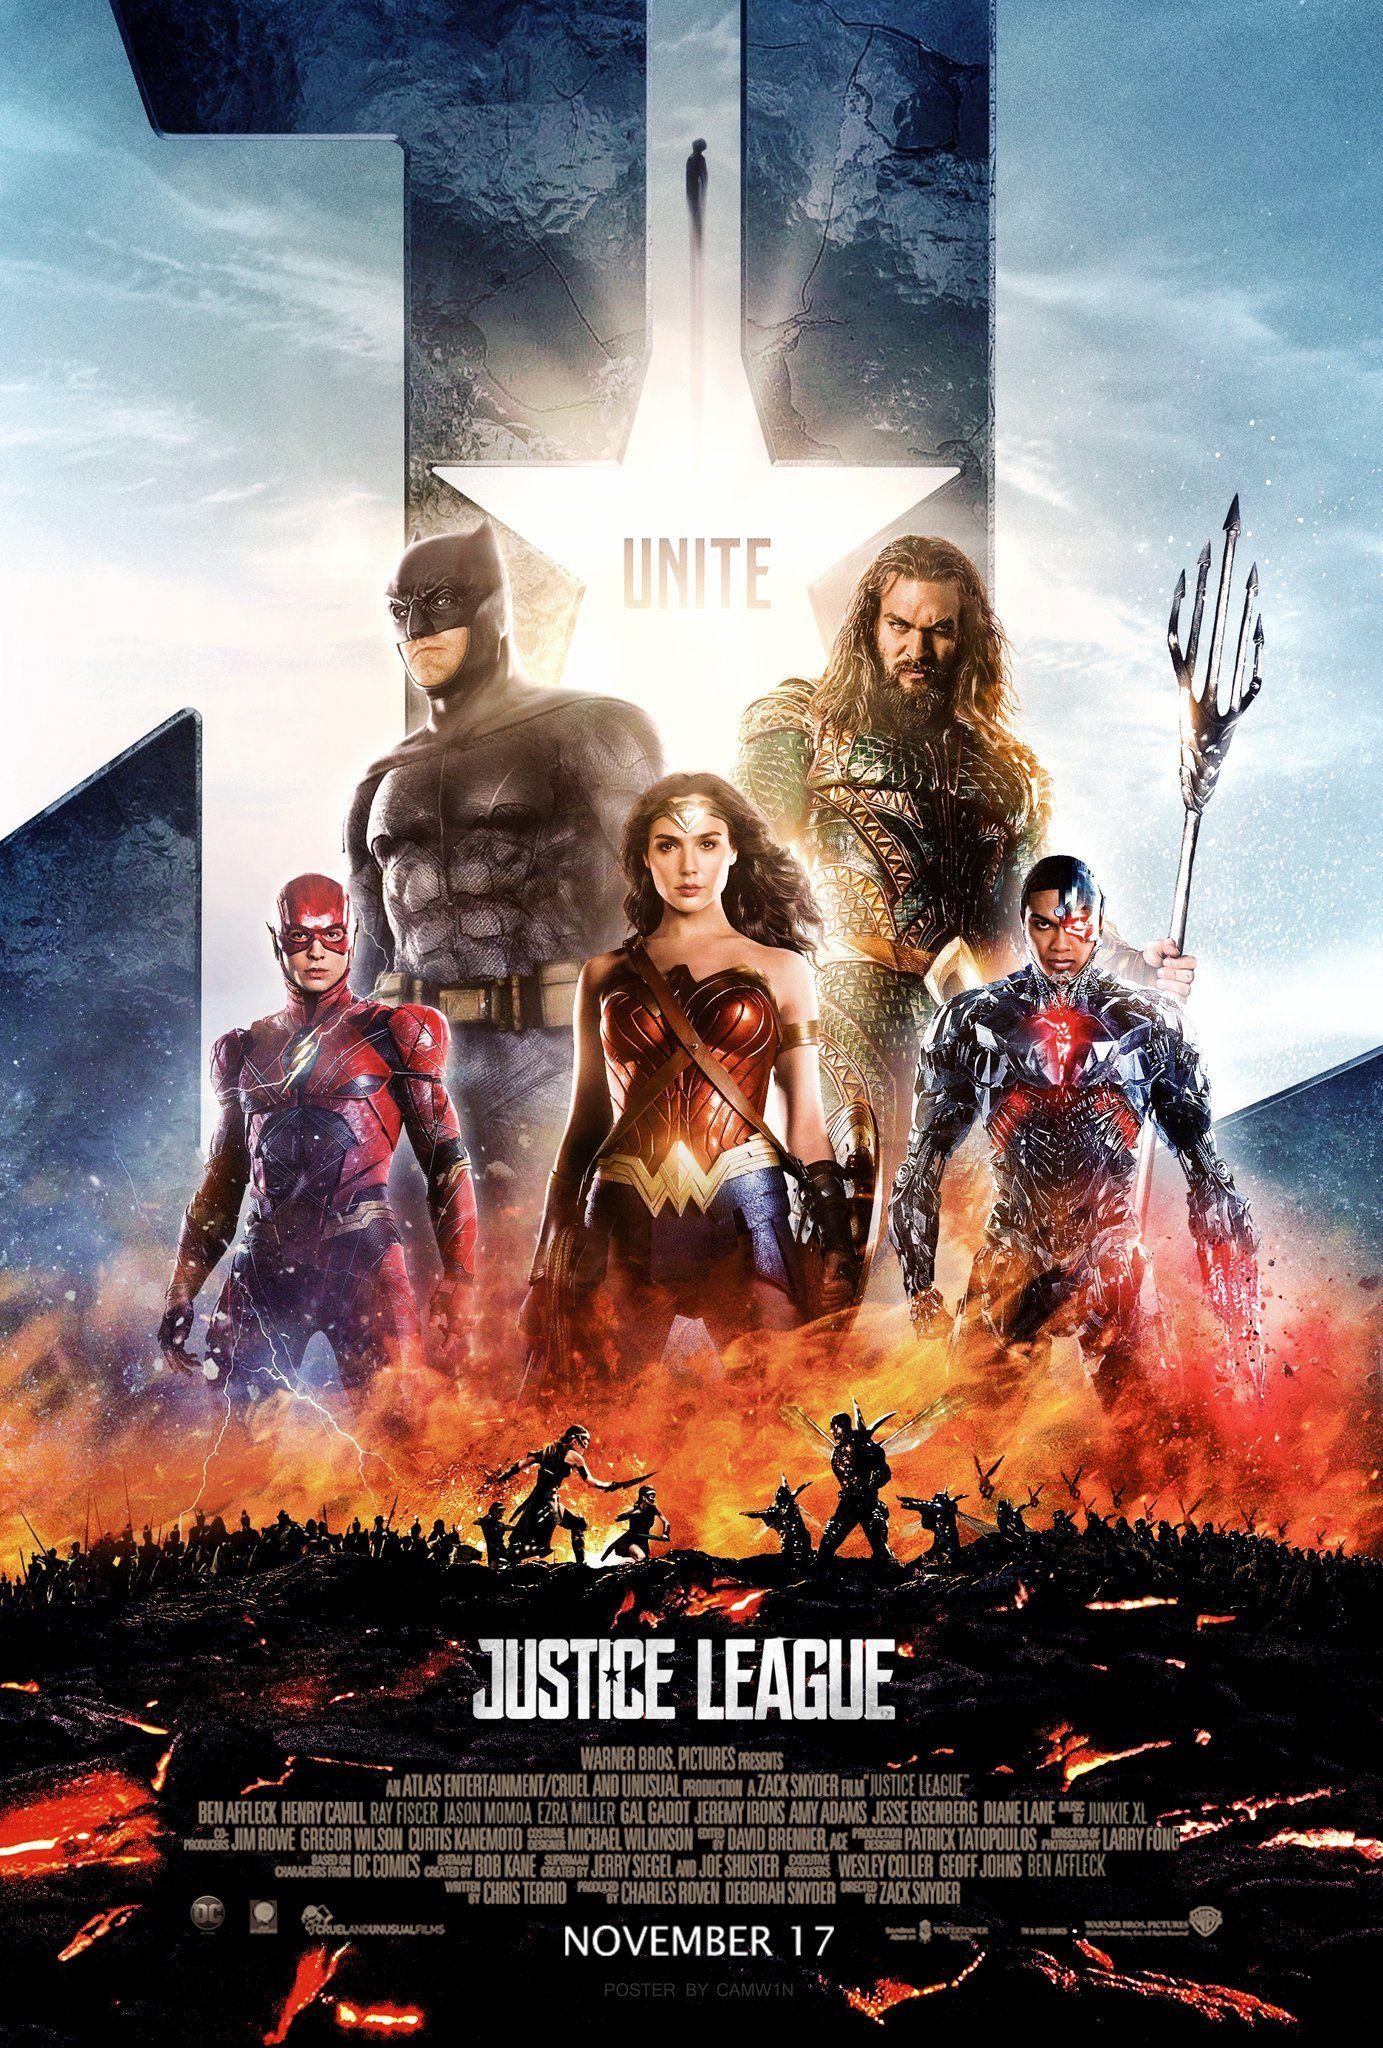 Pin By Meddymallard On Novita Locandine Eventi Film Libri Justice League 2017 Justice League Justice League Full Movie